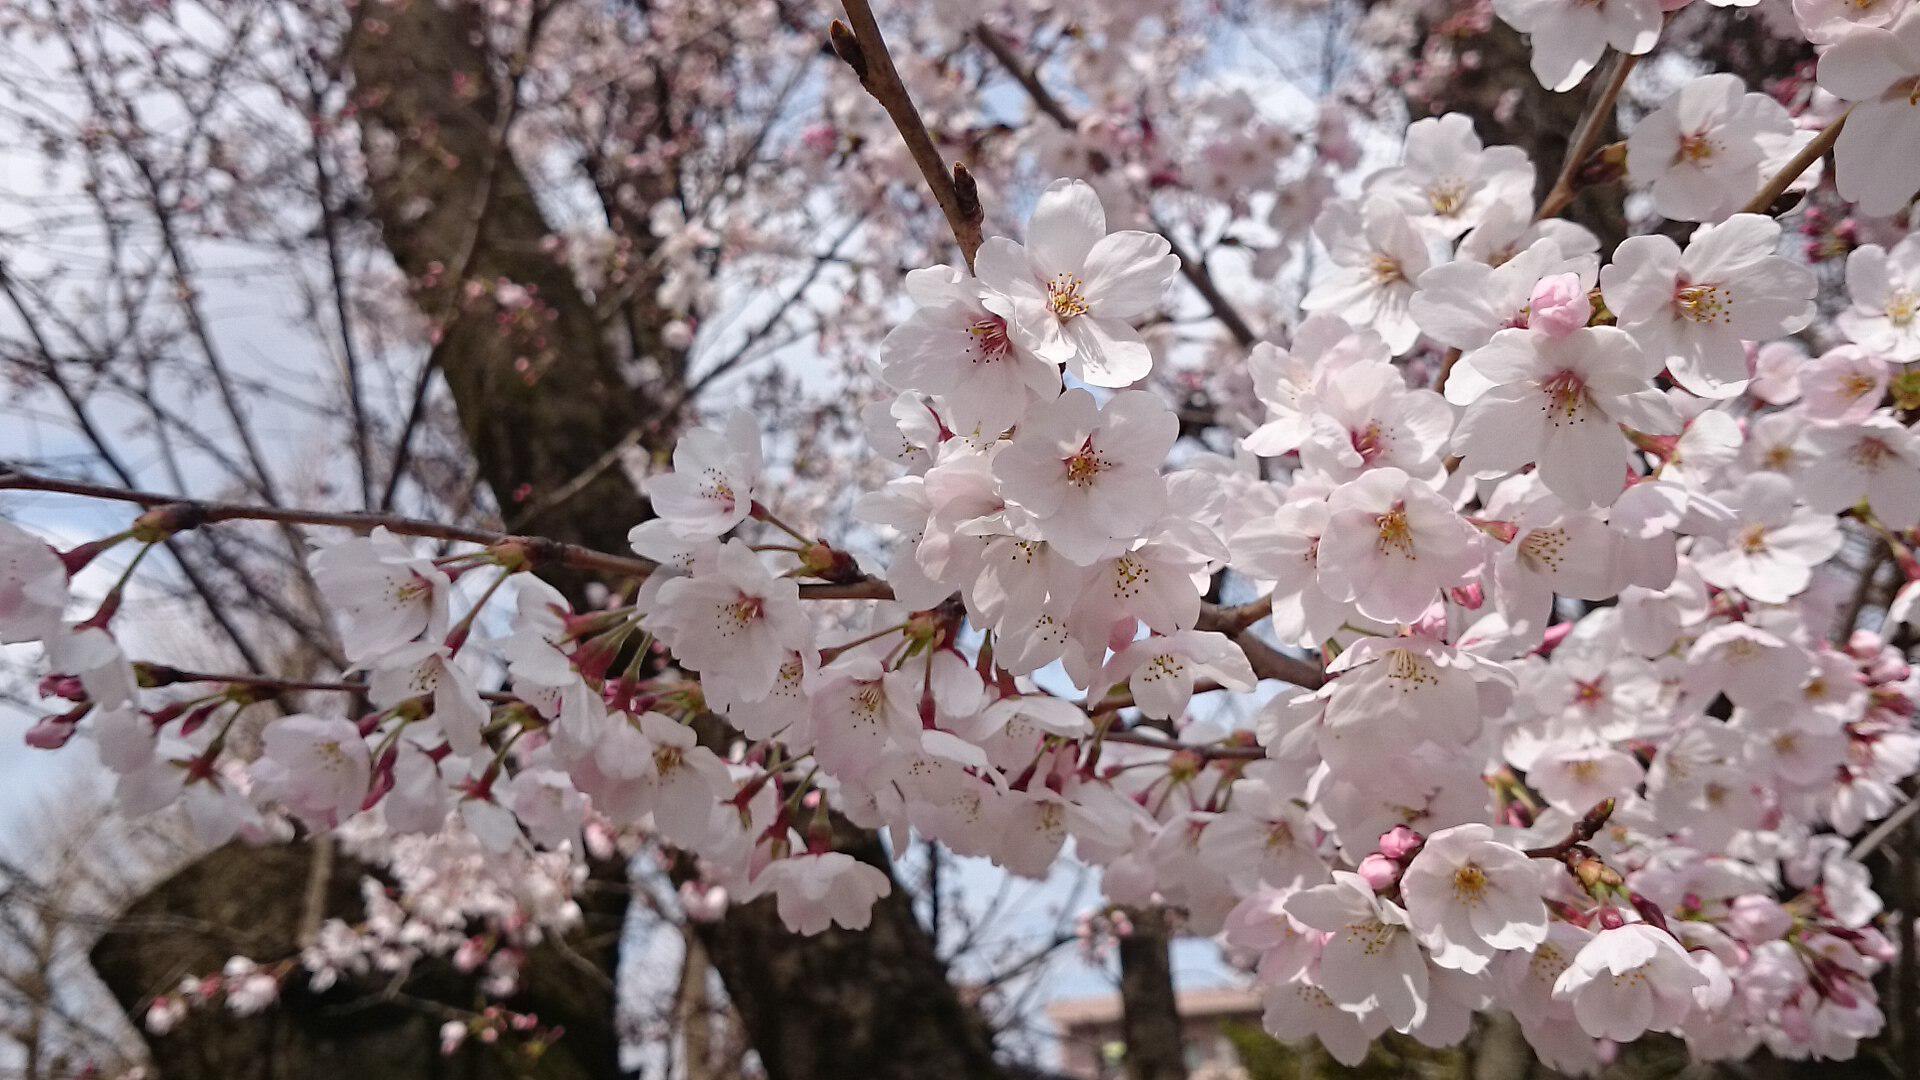 埼玉県桶川市の桜開花状況を写真で紹介 2017年4月2日